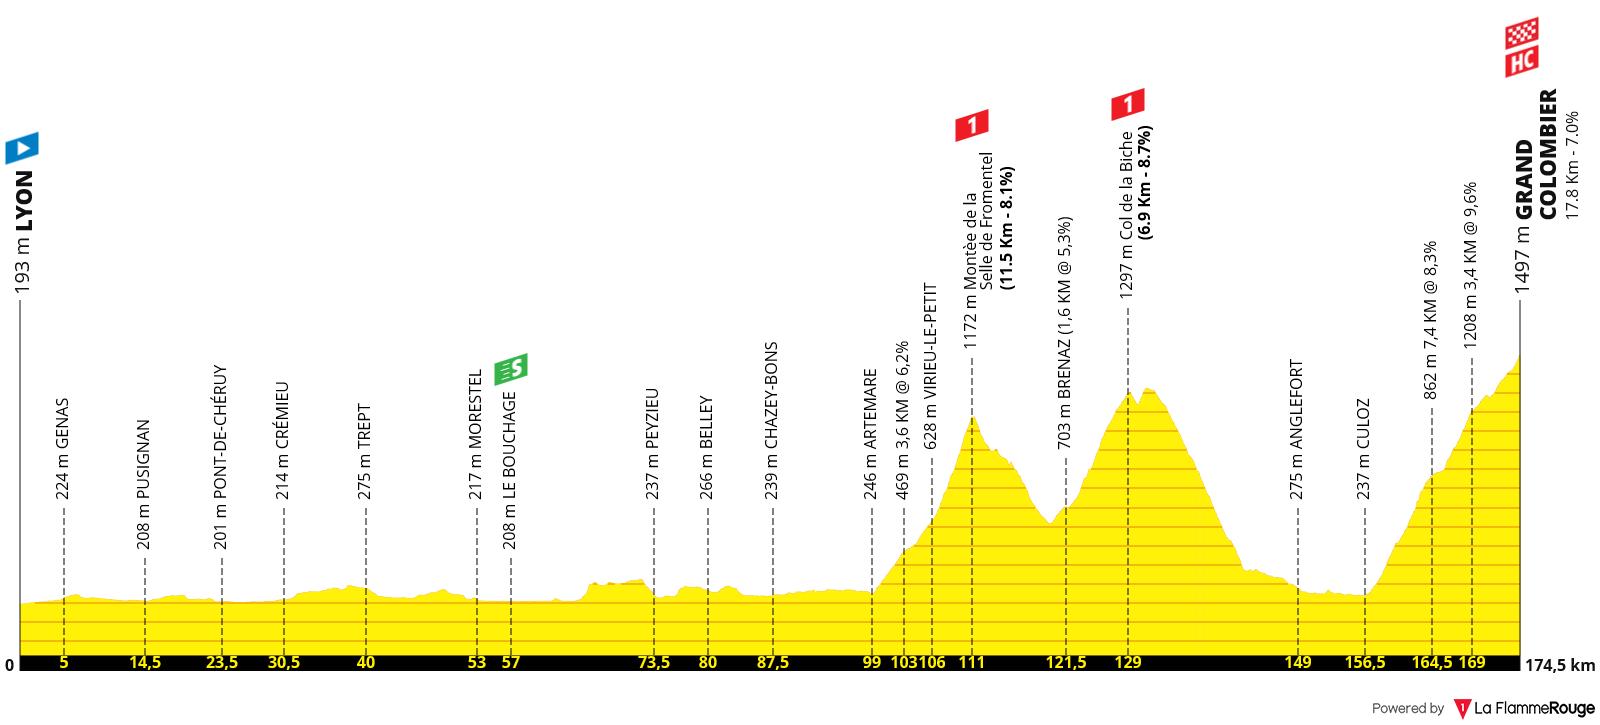 Perfil Etapa 15 - Tour de Francia 2020 - Lyon Grand Colombier 175km